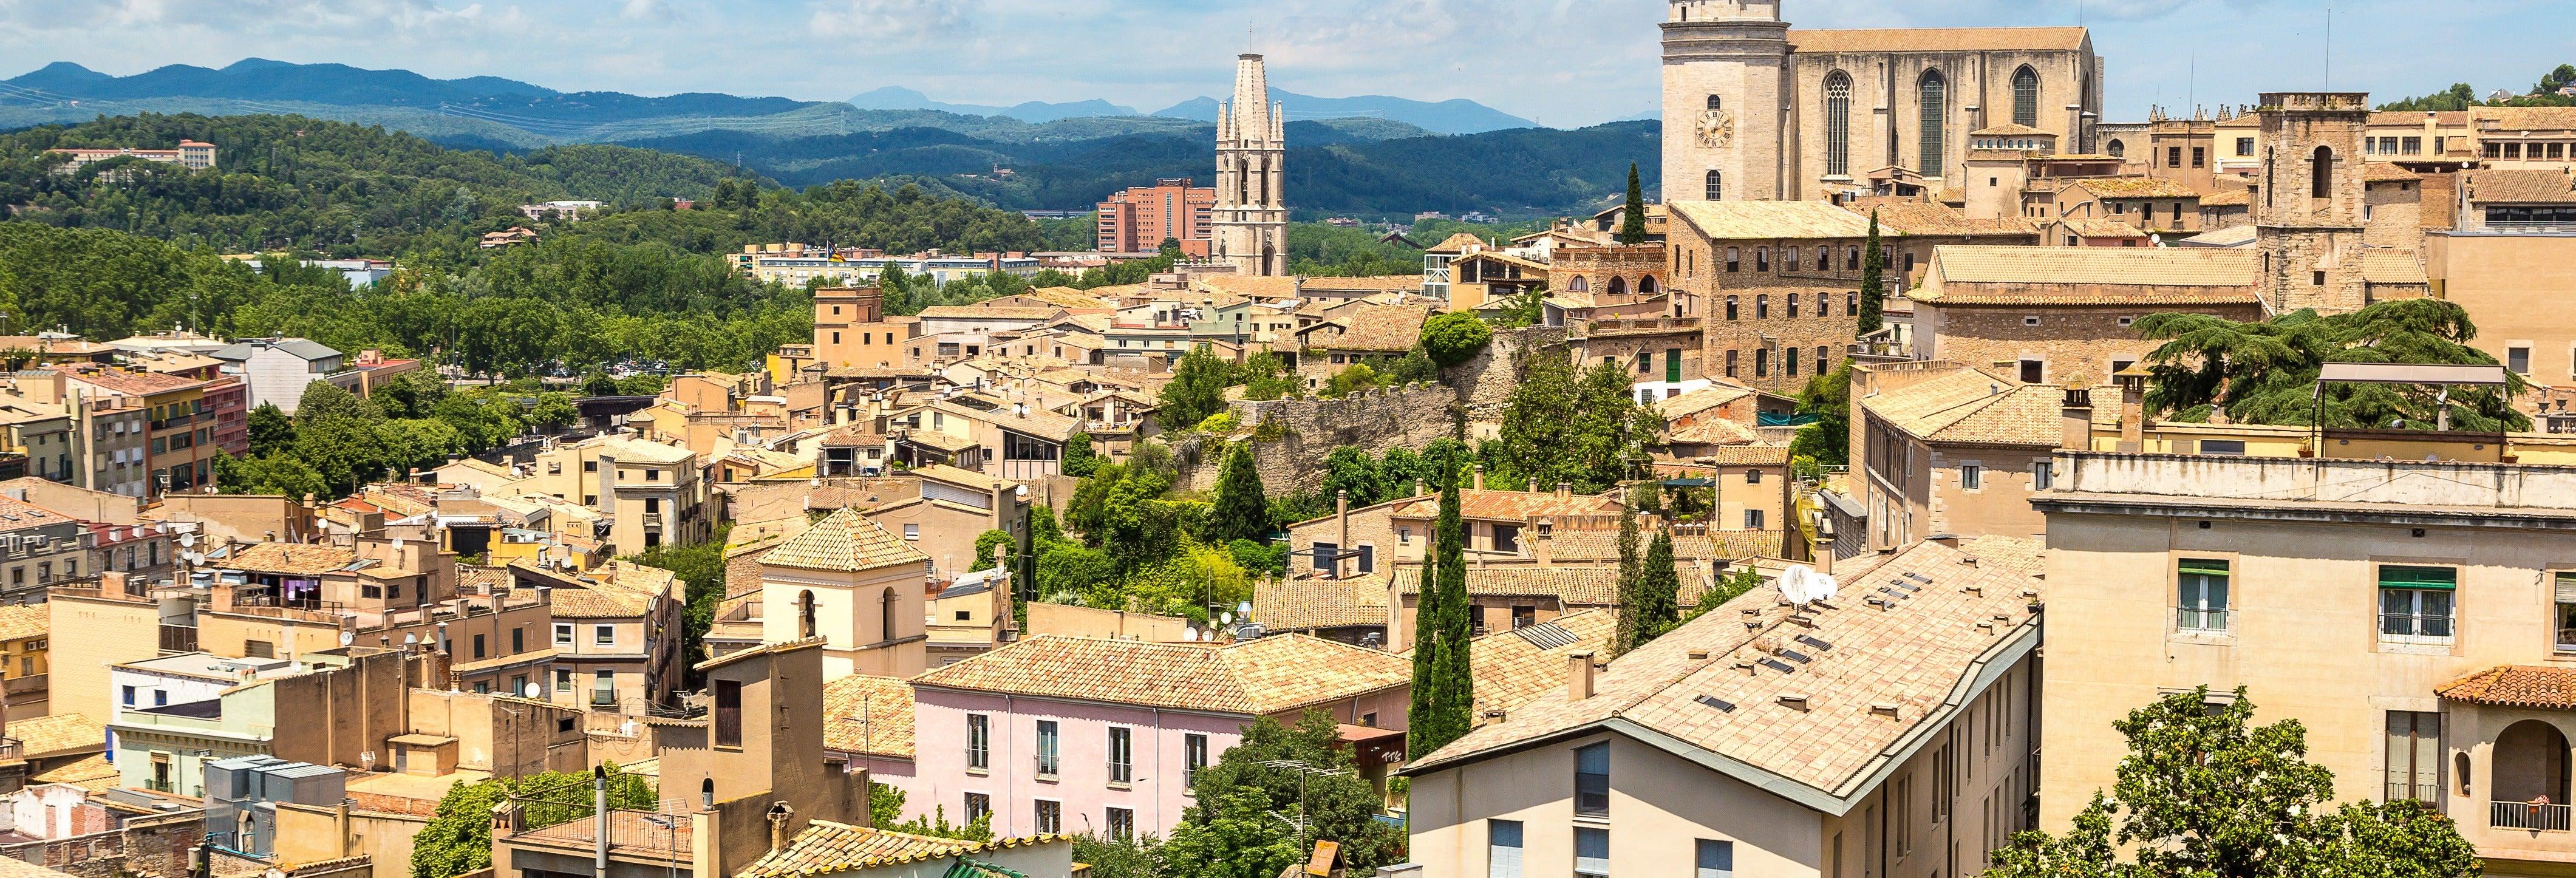 Tour di Girona in bici elettrica